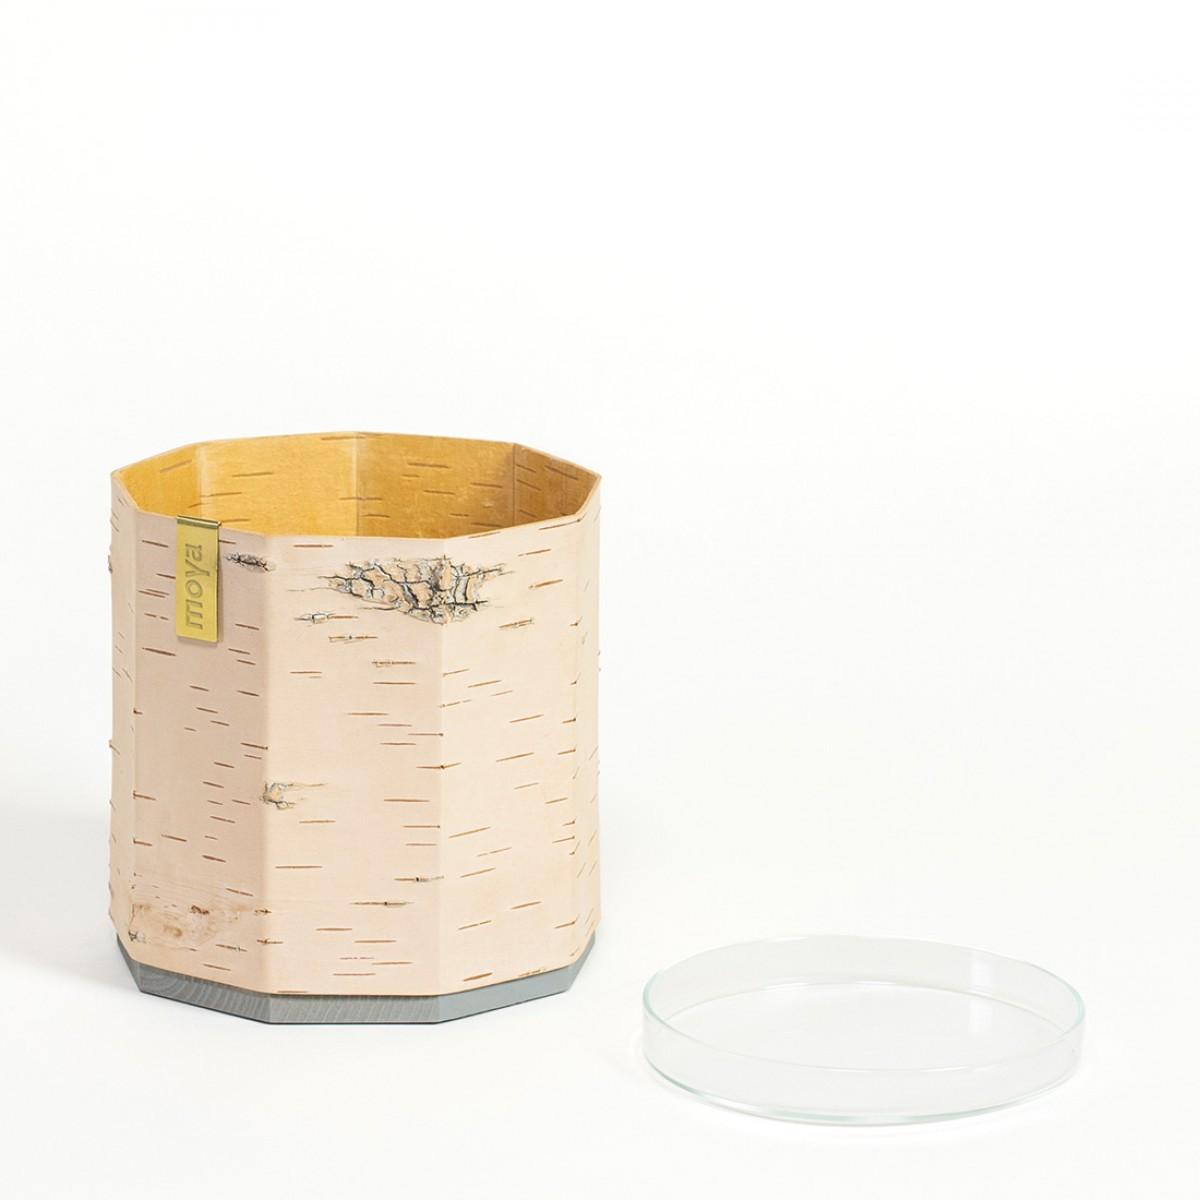 Blumentopf  / Übertopf aus Birkenrinde für Kräuter und Pflanzen - TARA Klein